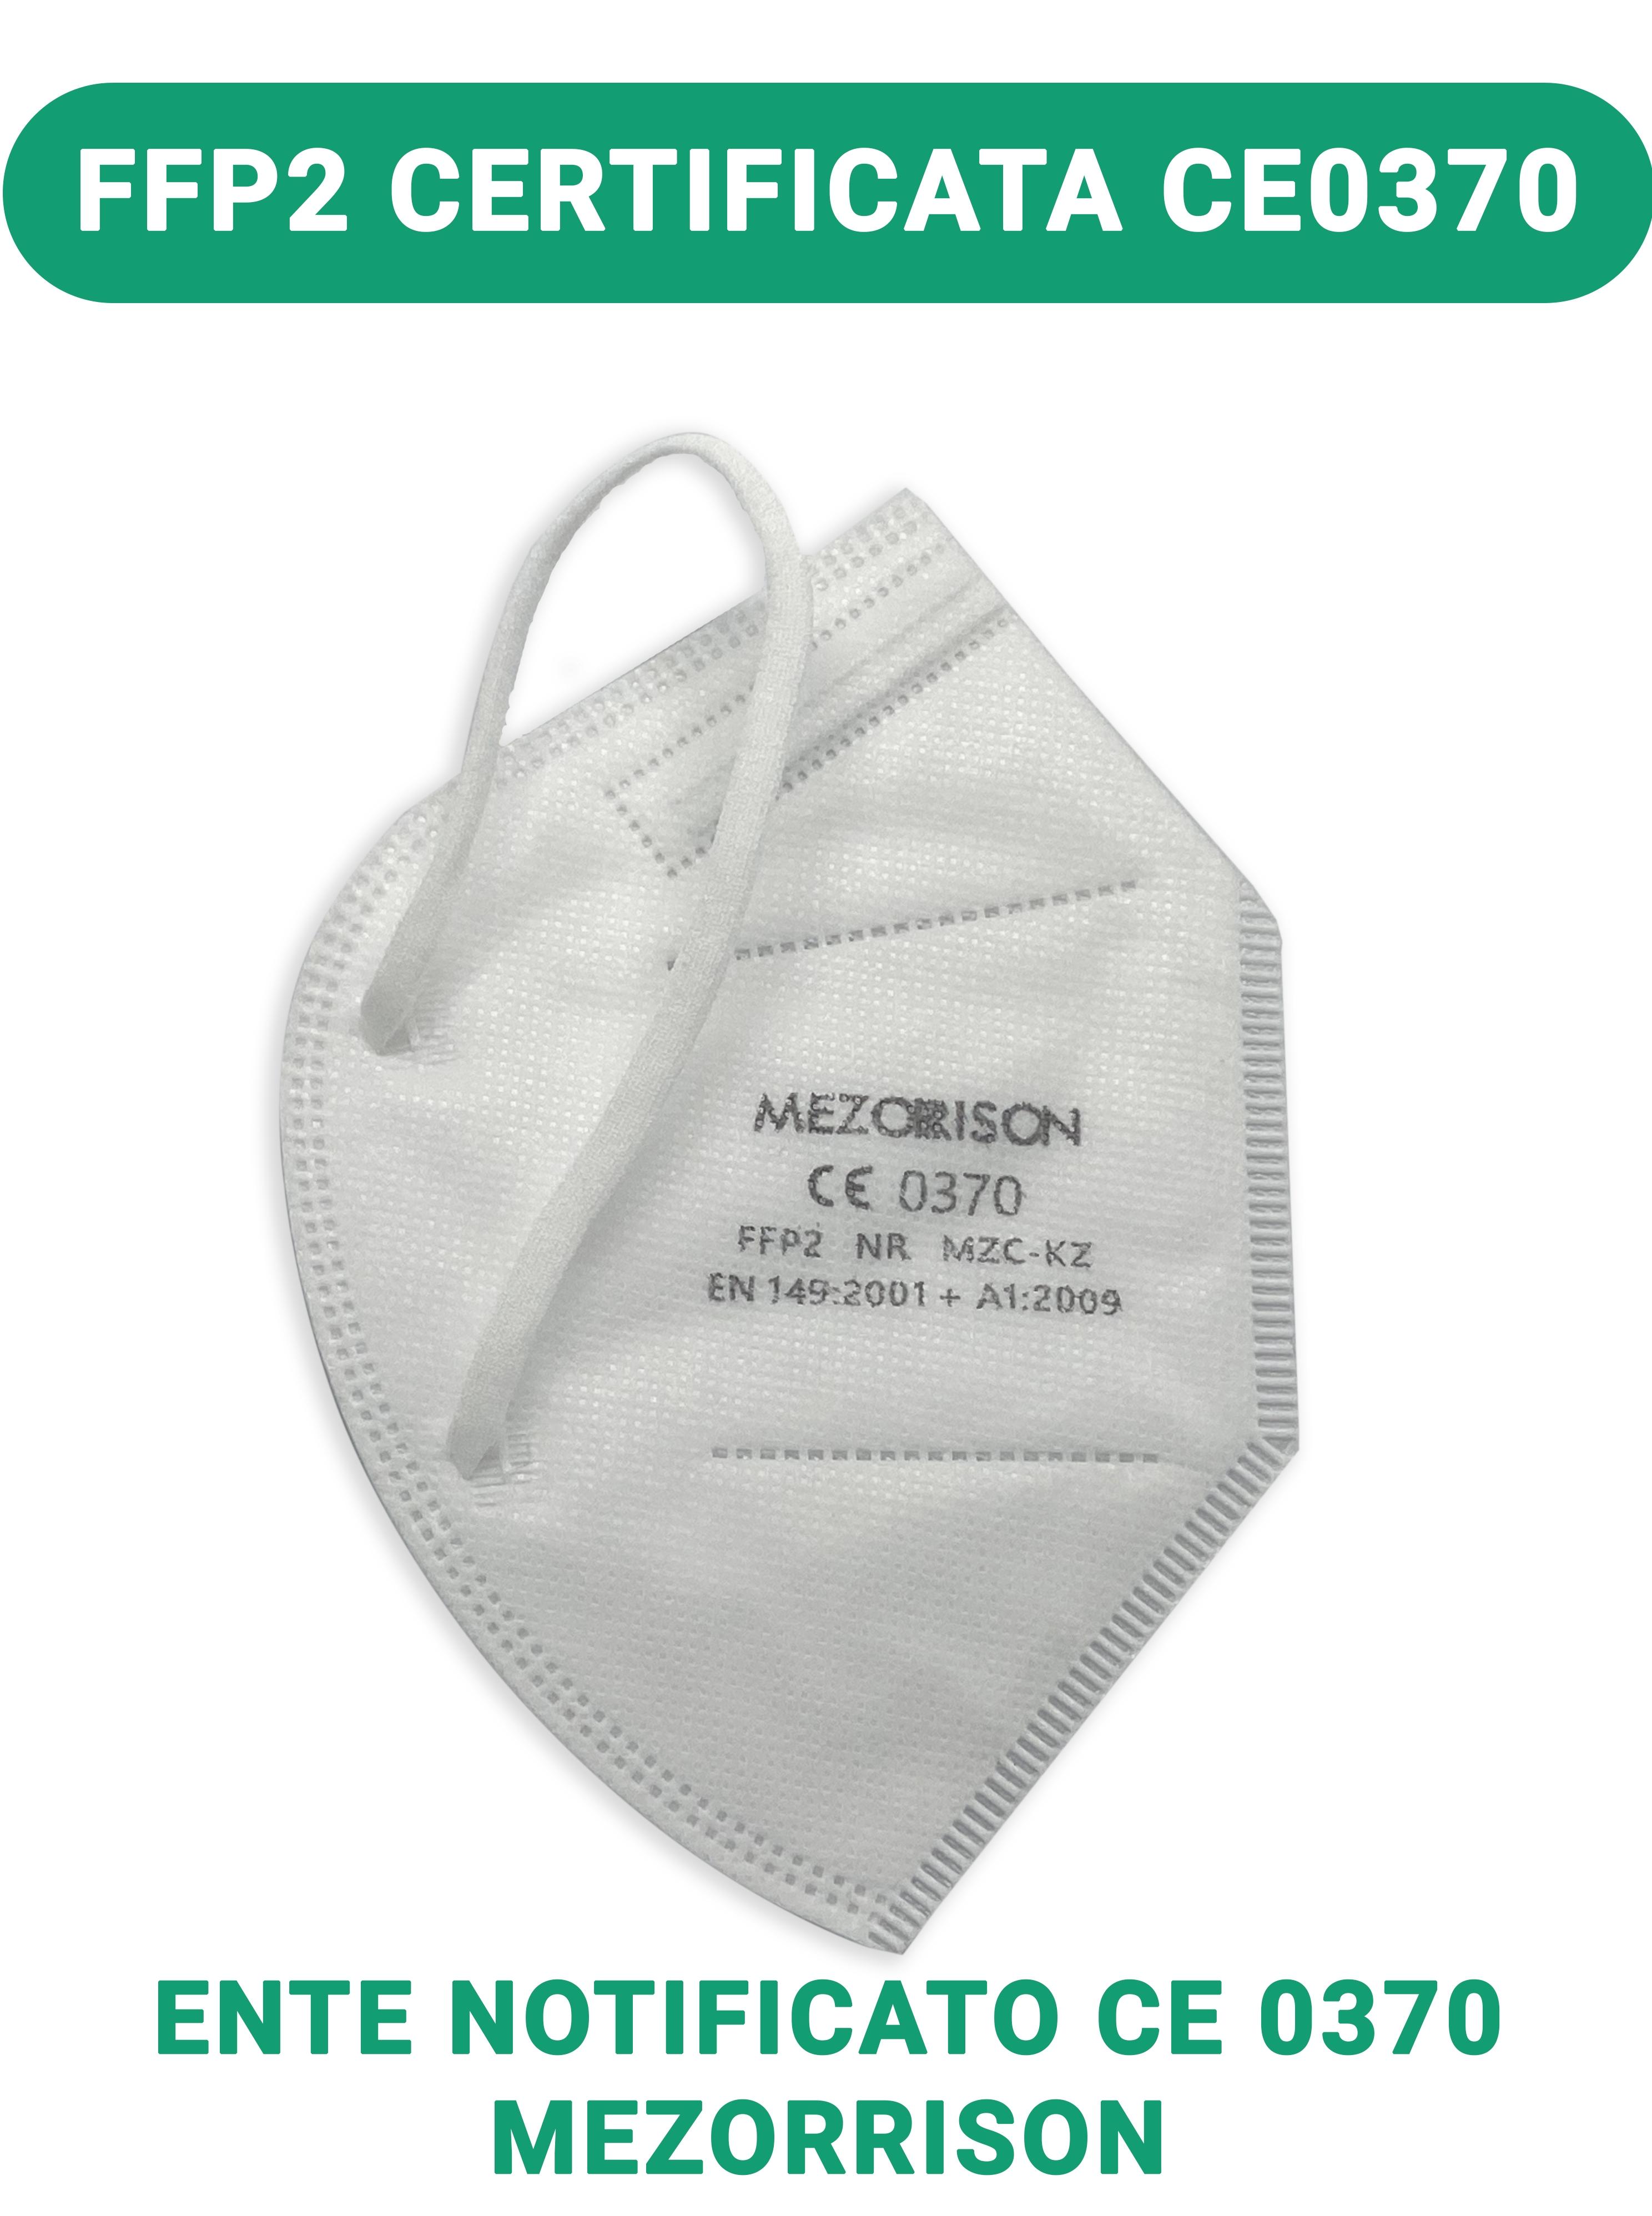 1 Pezzo [ENTE CE0370] Mascherina FFP2 Certificazione Mezorrison [Sconti per quantità] con elastico dietro le orecchie KN95 N95 Respiratore di Protezione